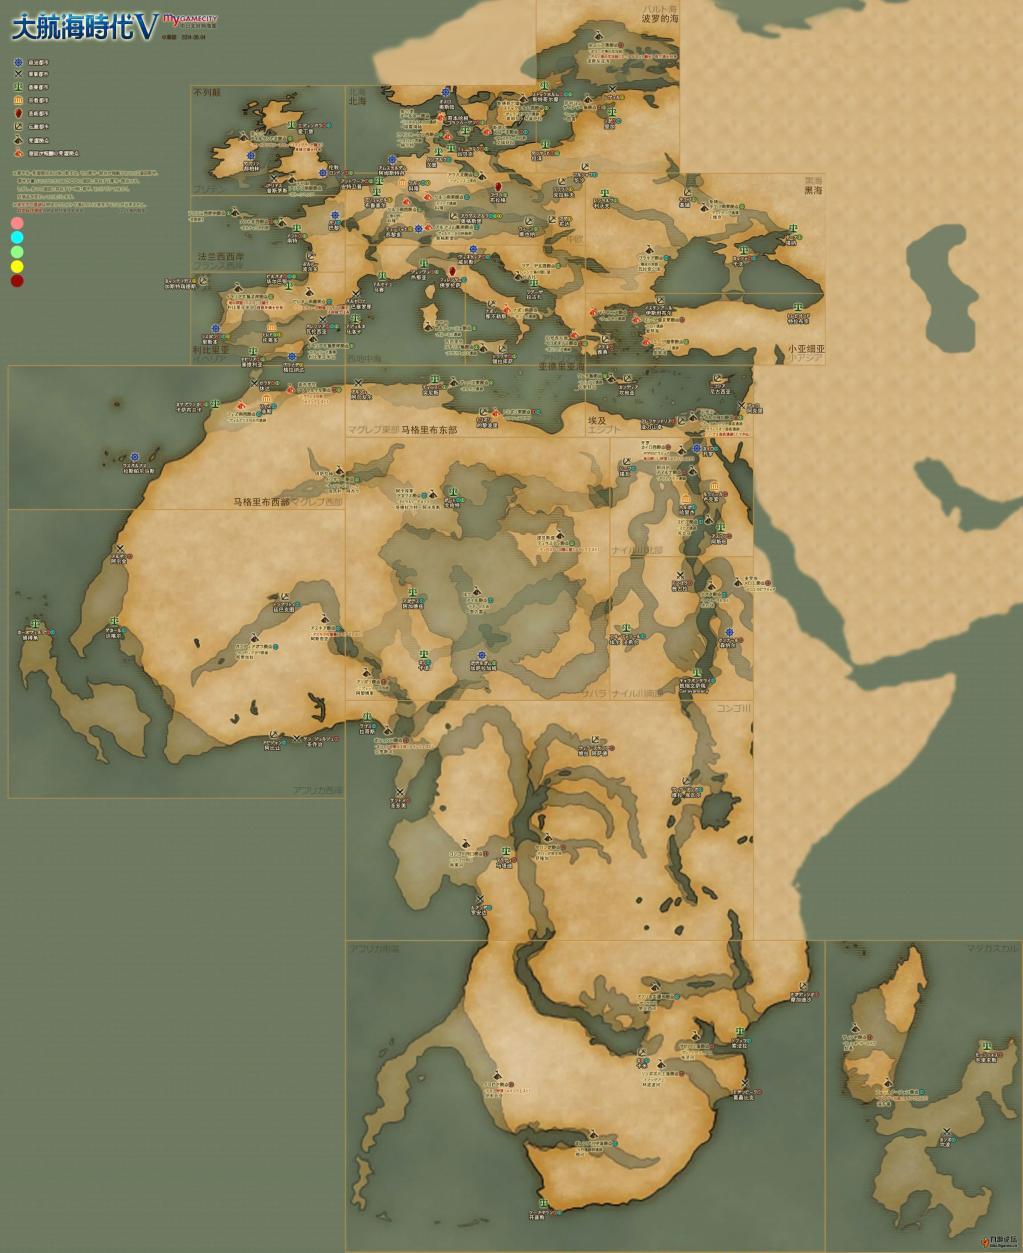 为什么我的大航海时代世界地图不是全开